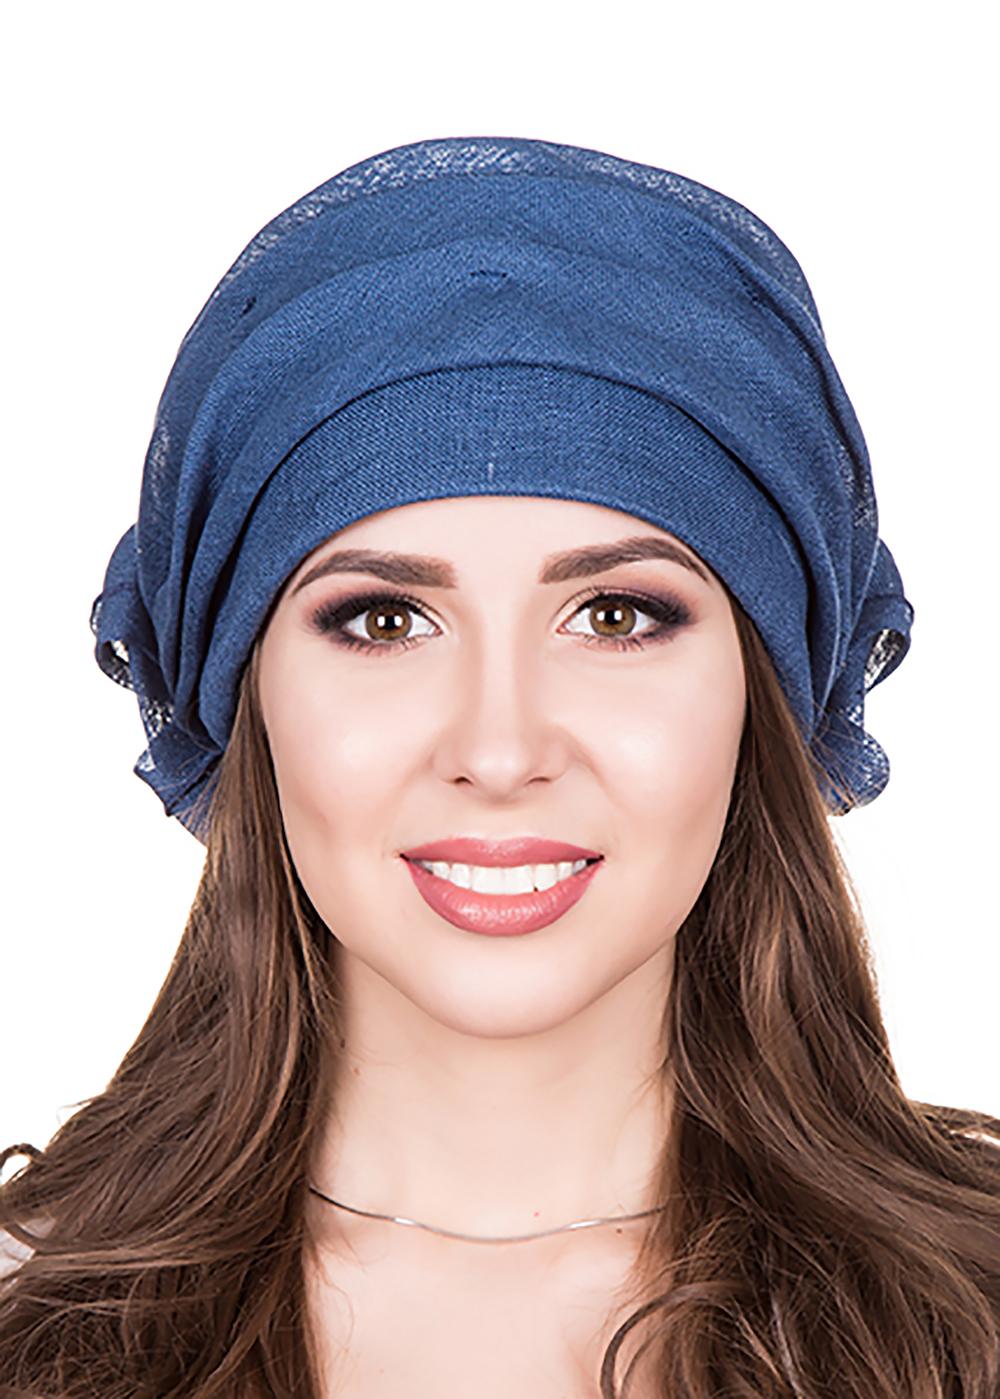 Бандана женская Level Pro Белла, цвет: синий. 412820. Размер 56/58 бандана 4fun 4fun thermal pro wolf blue синий